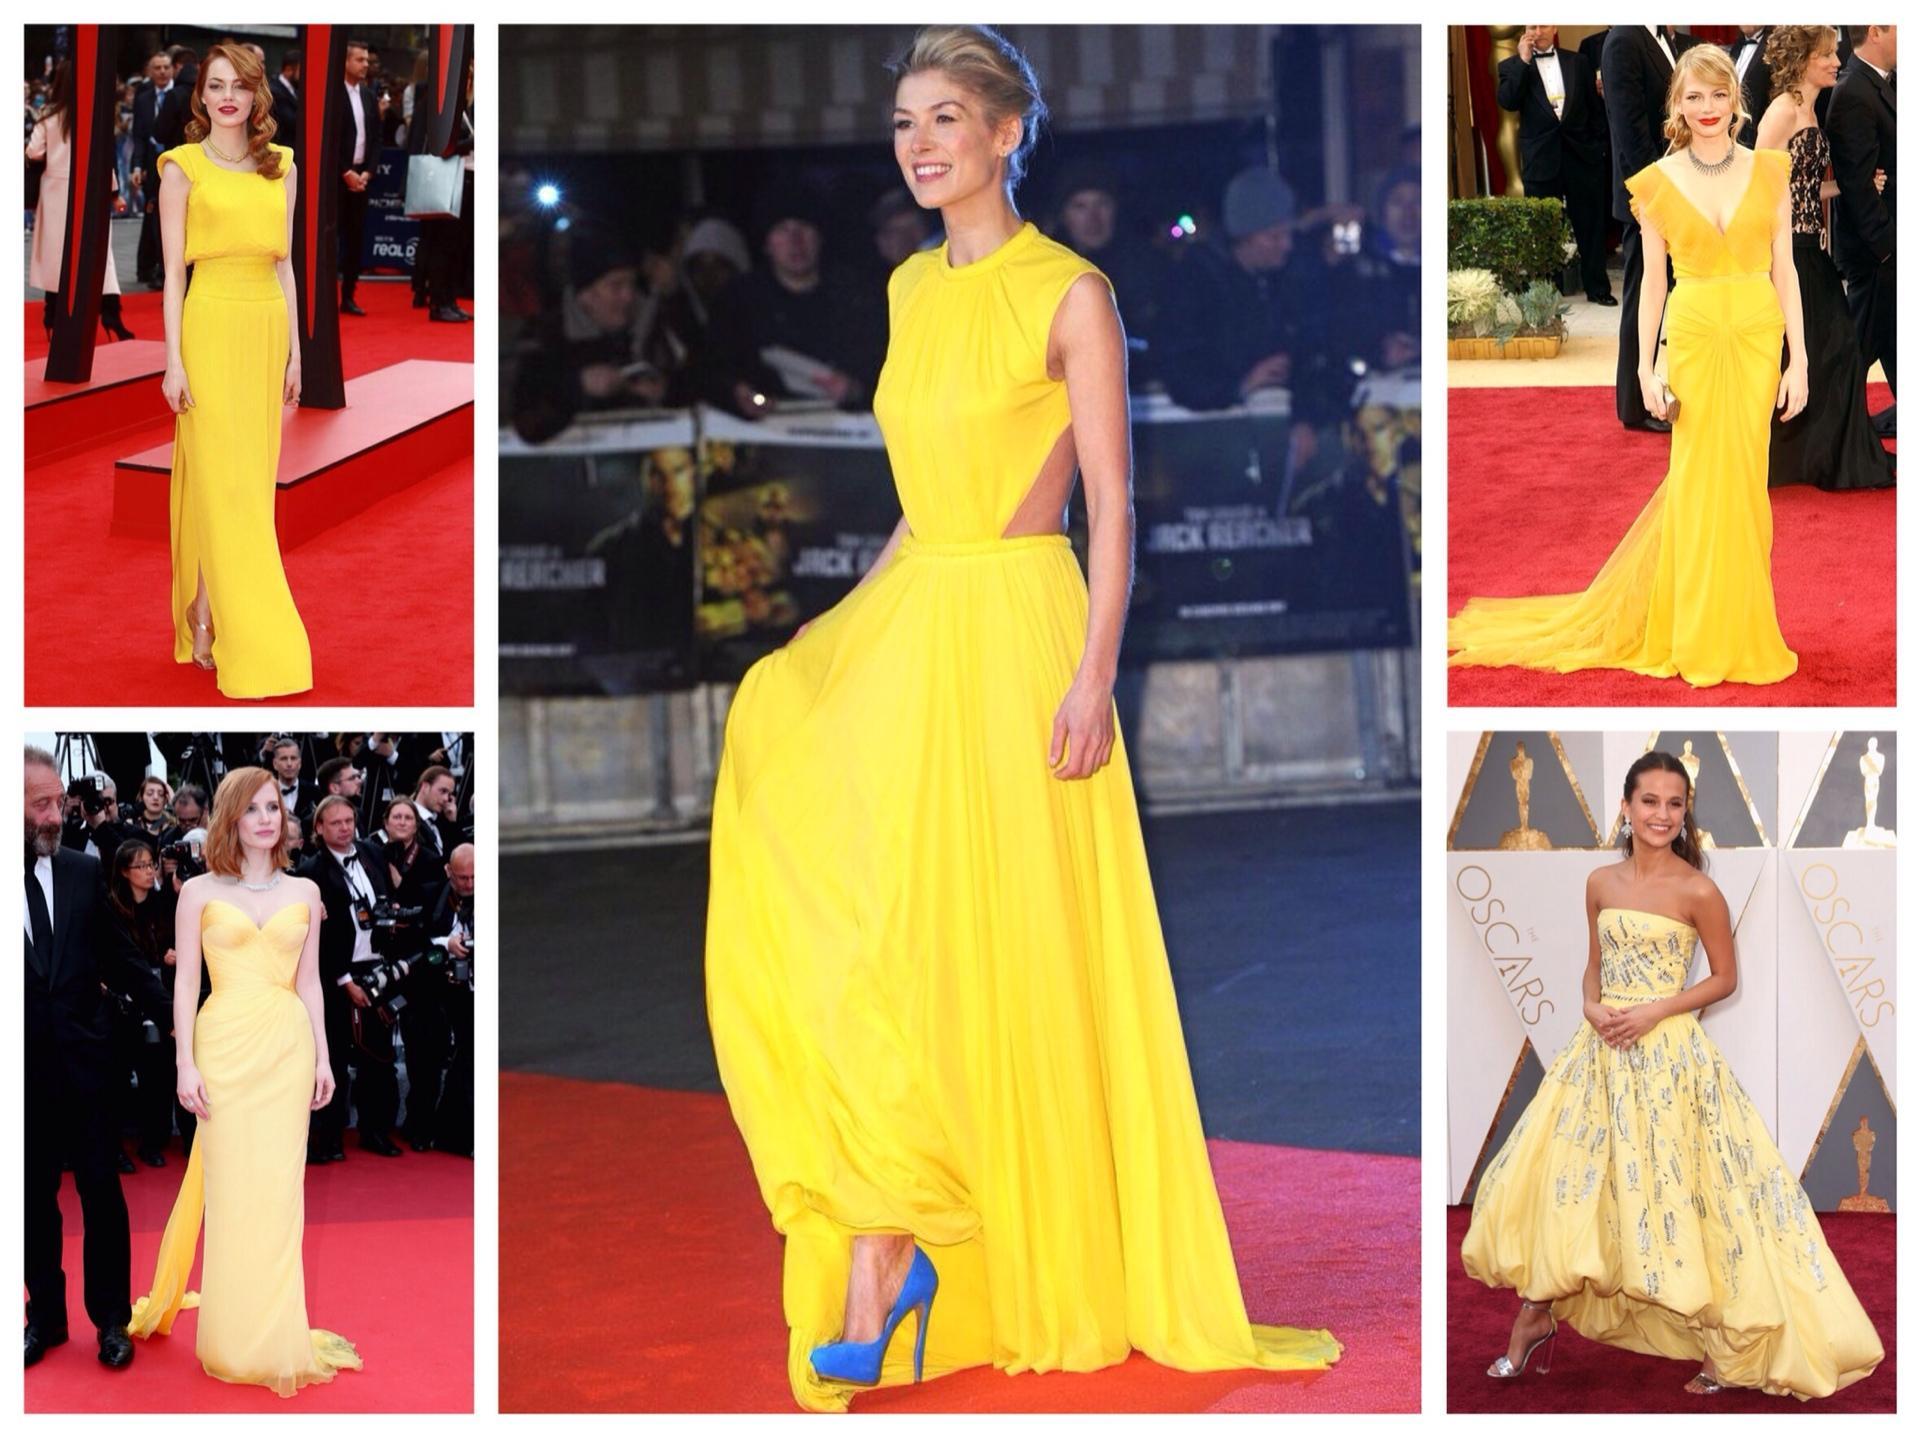 f3e2d2a883a выбор желтого платья для мероприятия. Длинные платья в пол с открытой спиной  или глубоким декольте ...